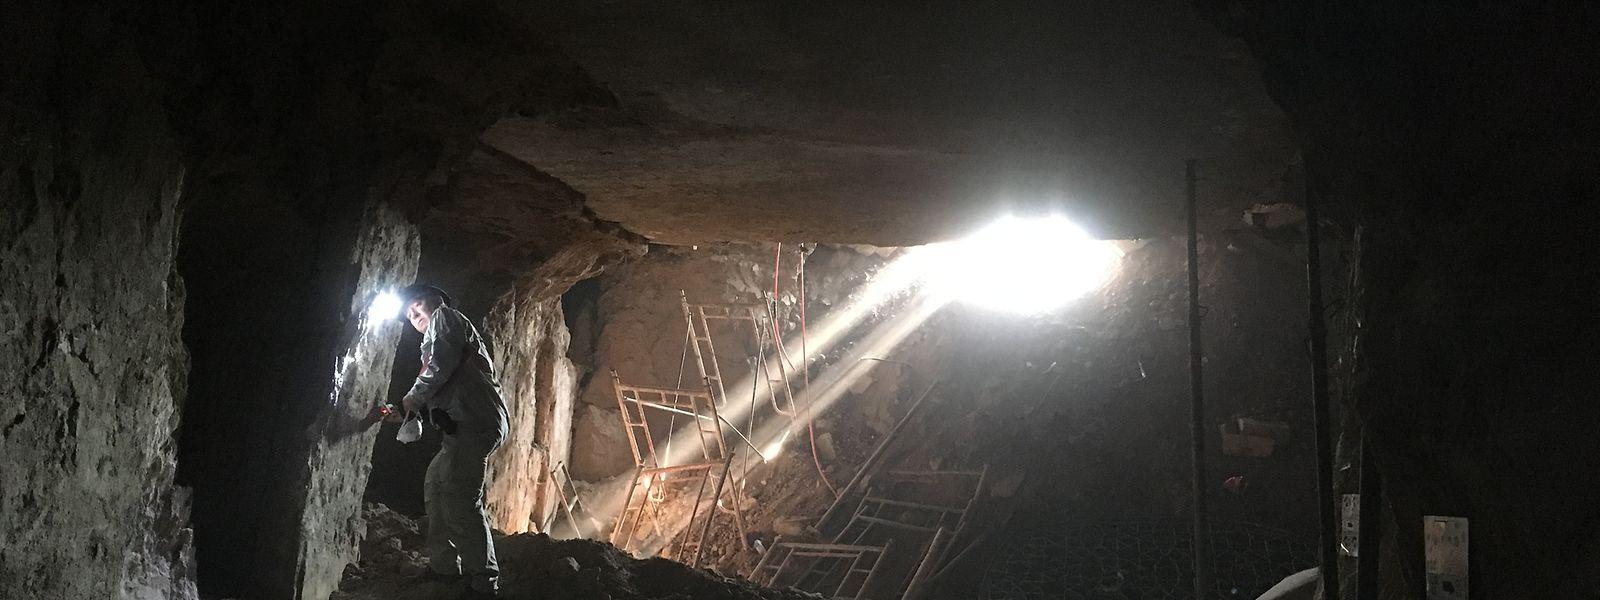 Die Arbeit des digitalen Archäologen Juan Aguilar findet derweil meist unter Tage im Tunnelnetzwerk, das die IS-Kämpfer gruben, statt.